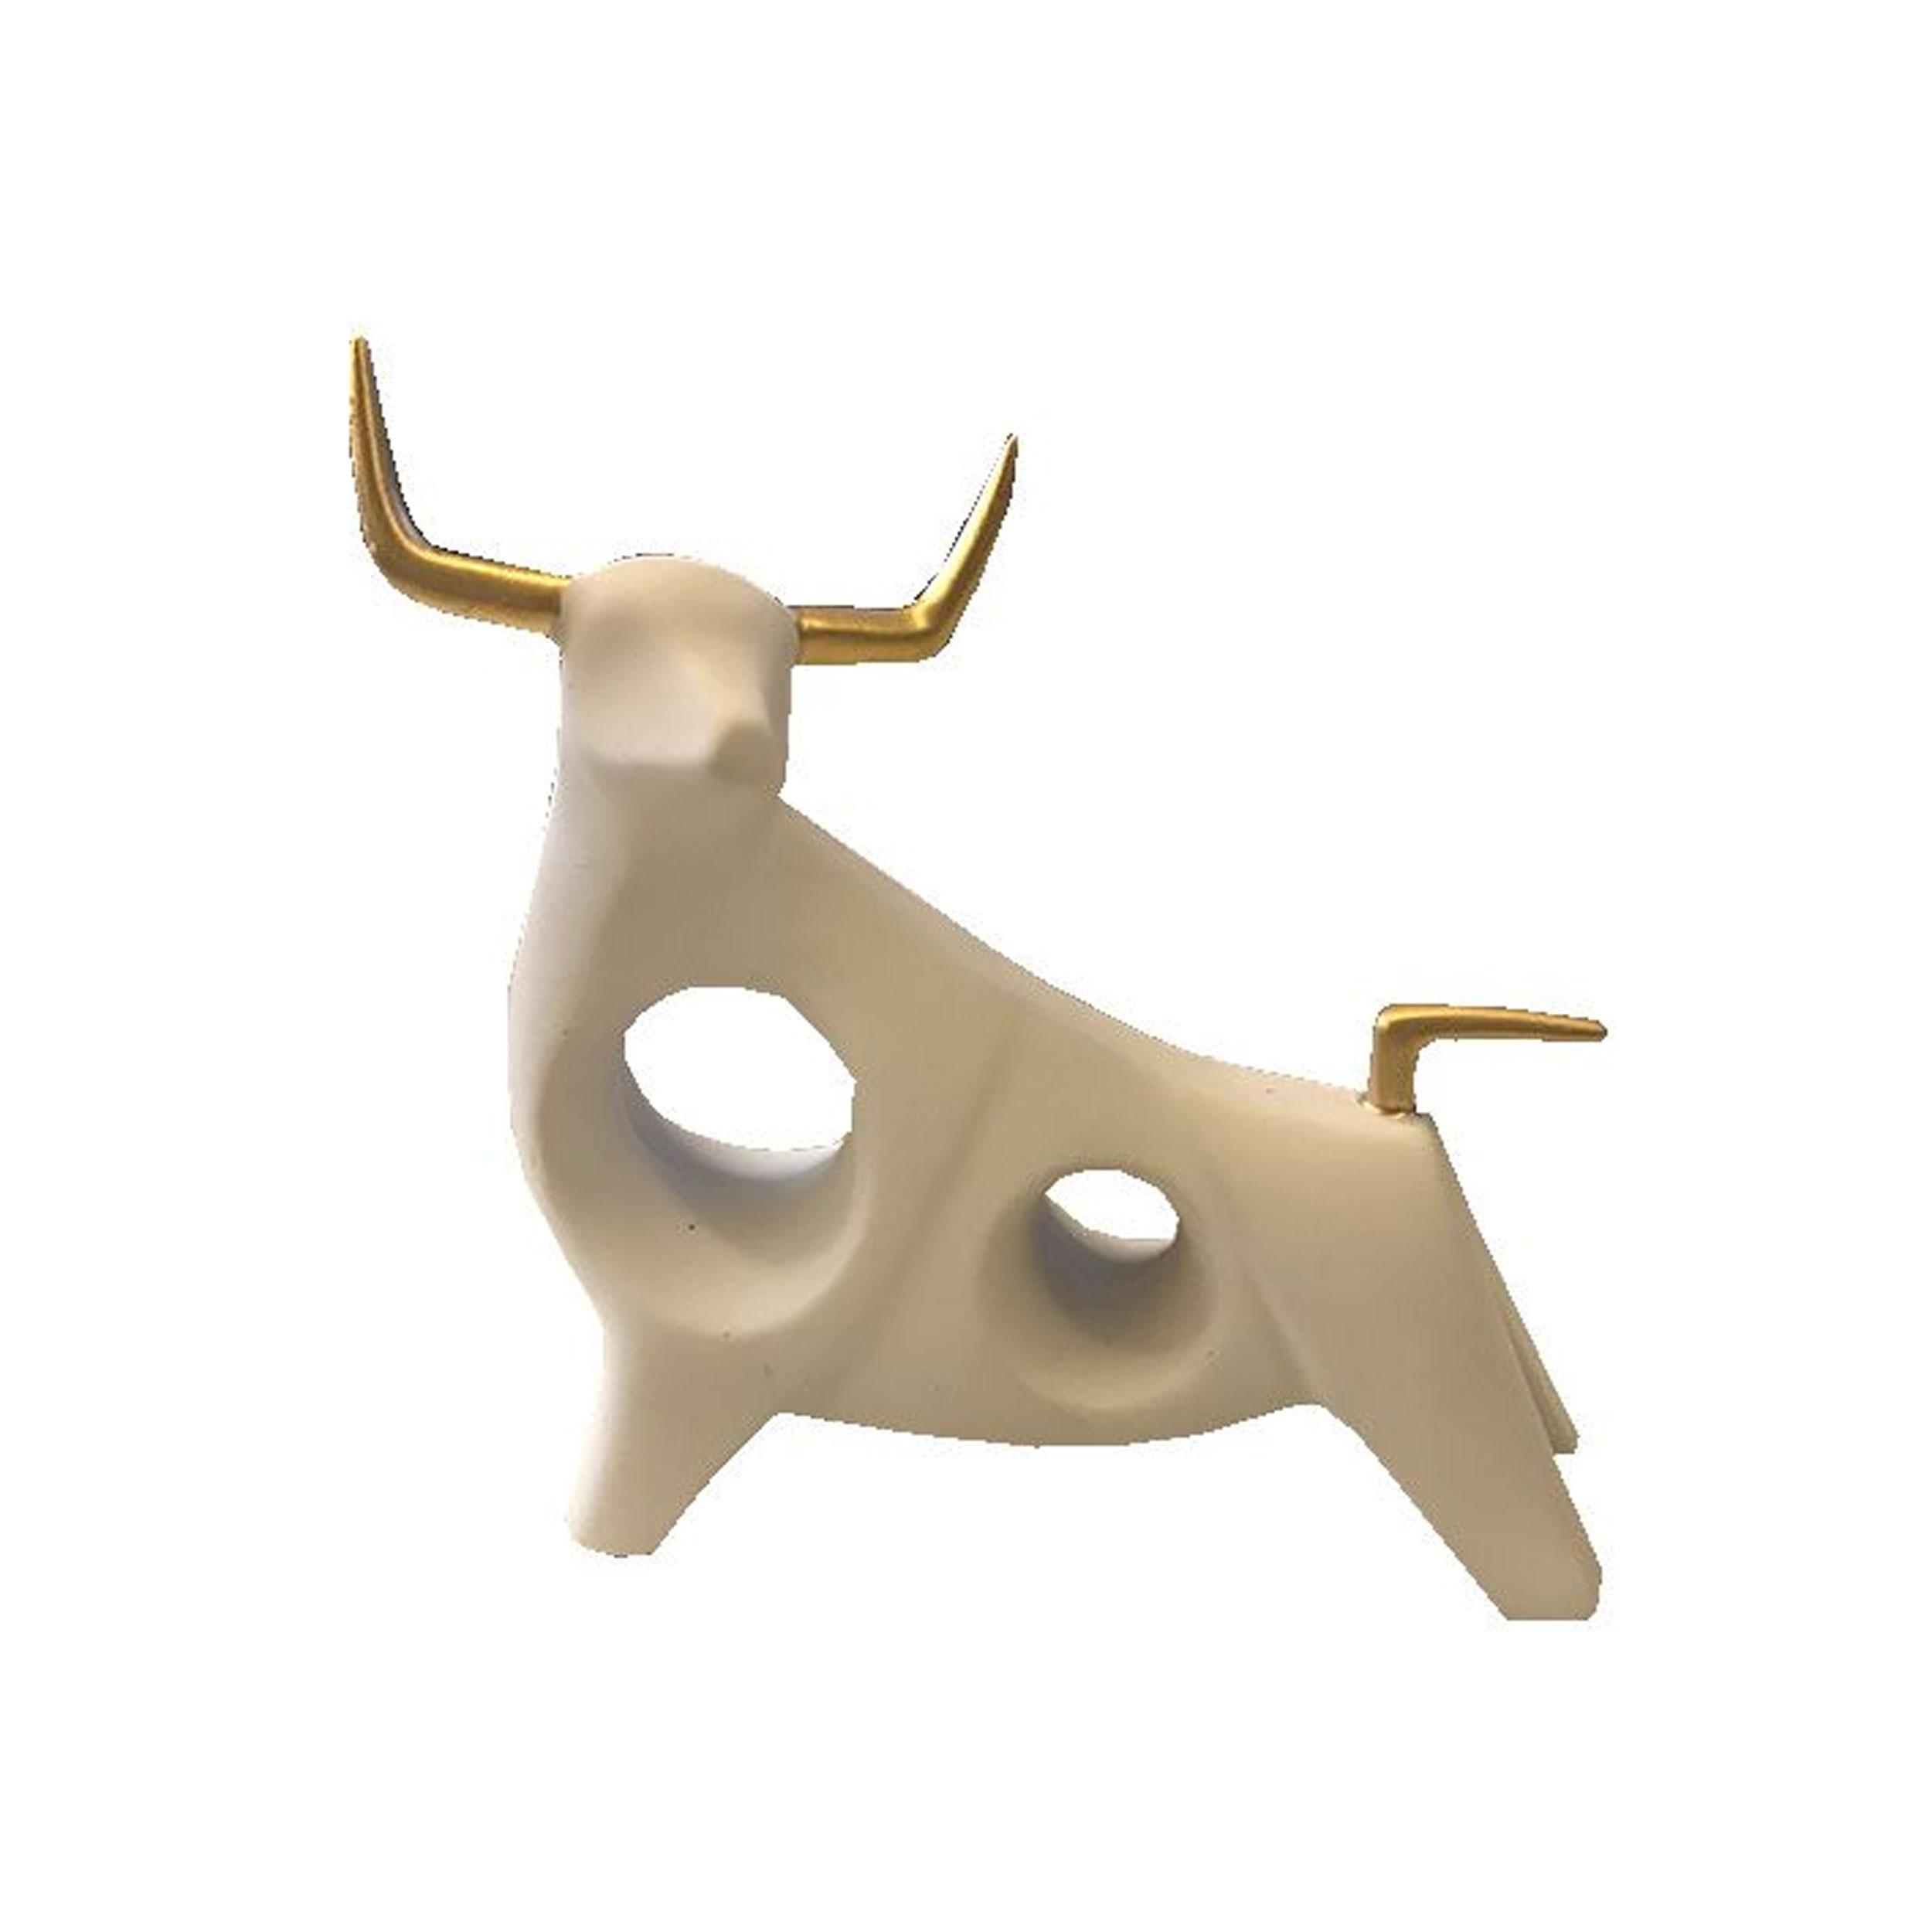 مجسمه طرح گاو مدل ماتادور 2